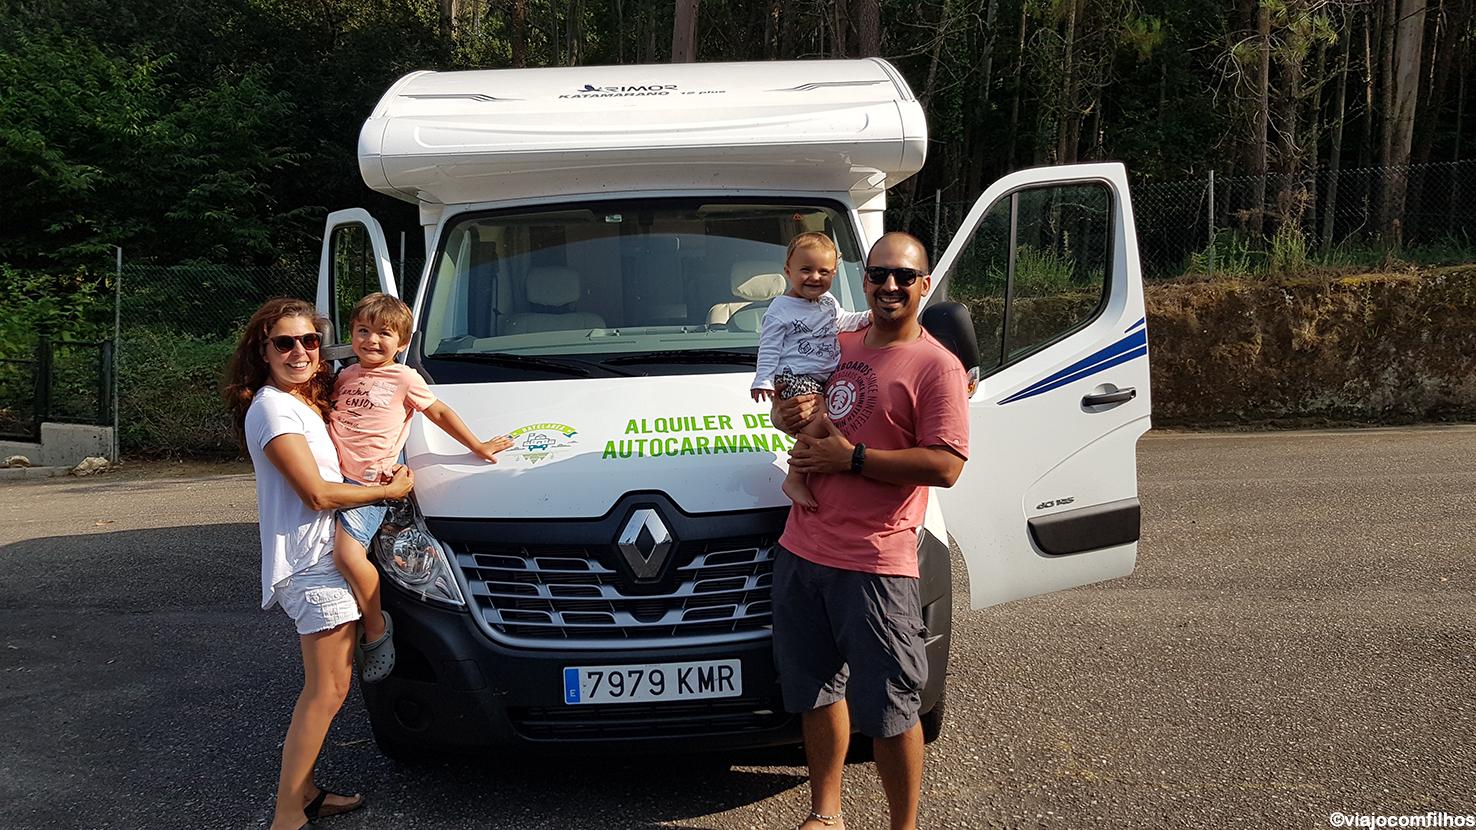 Motorhome na Espanha com crianças